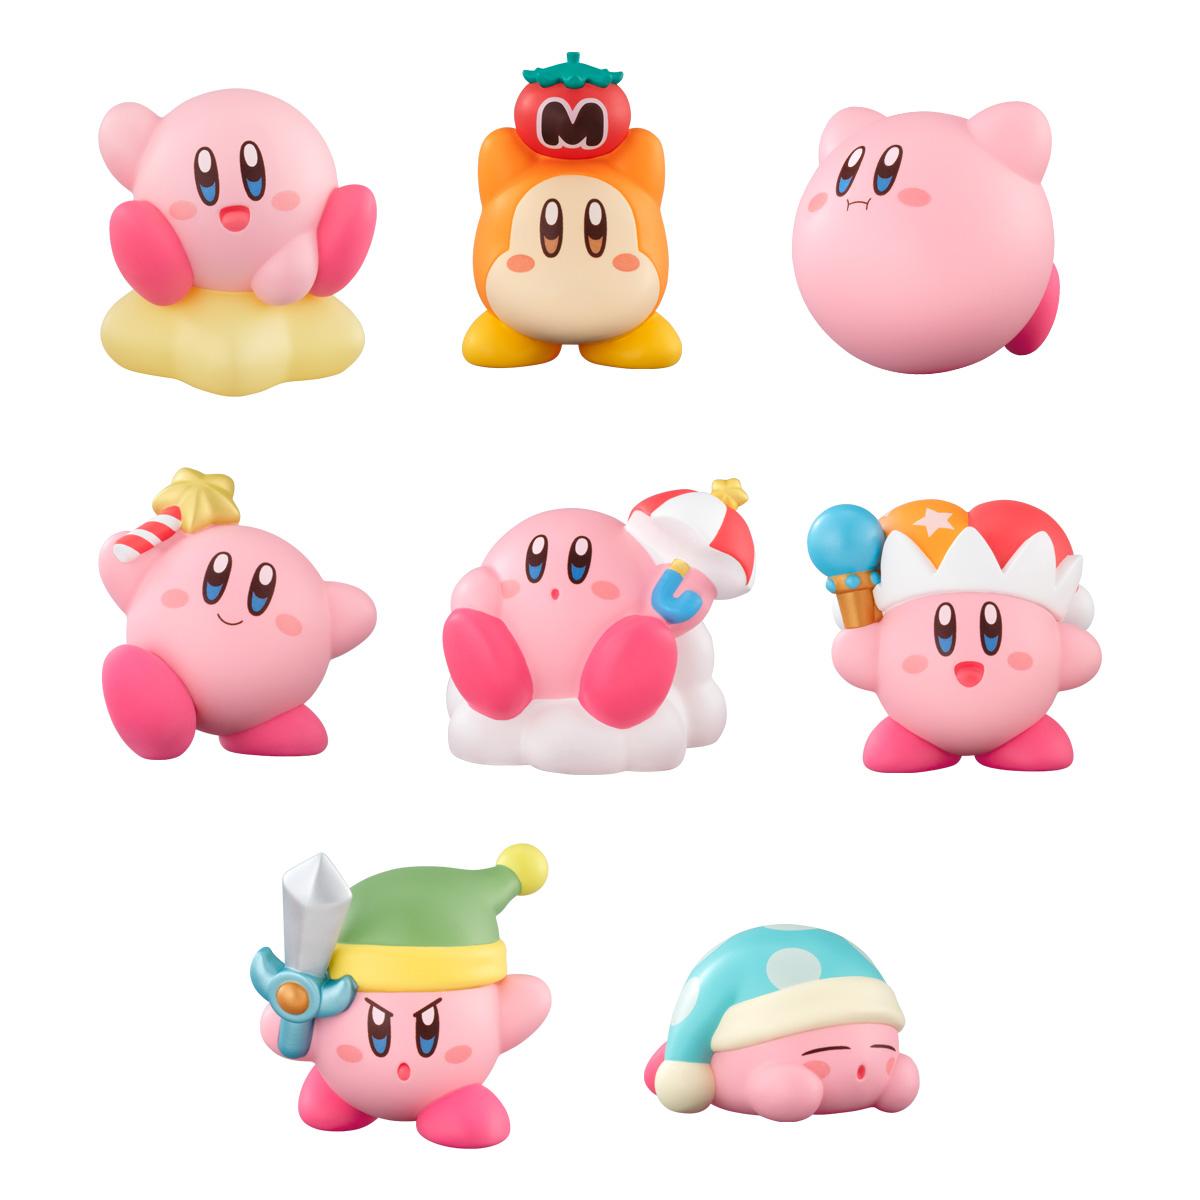 【食玩】星のカービィ『星のカービィ Kirby Friends(カービィフレンズ)』12個入りBOX-001